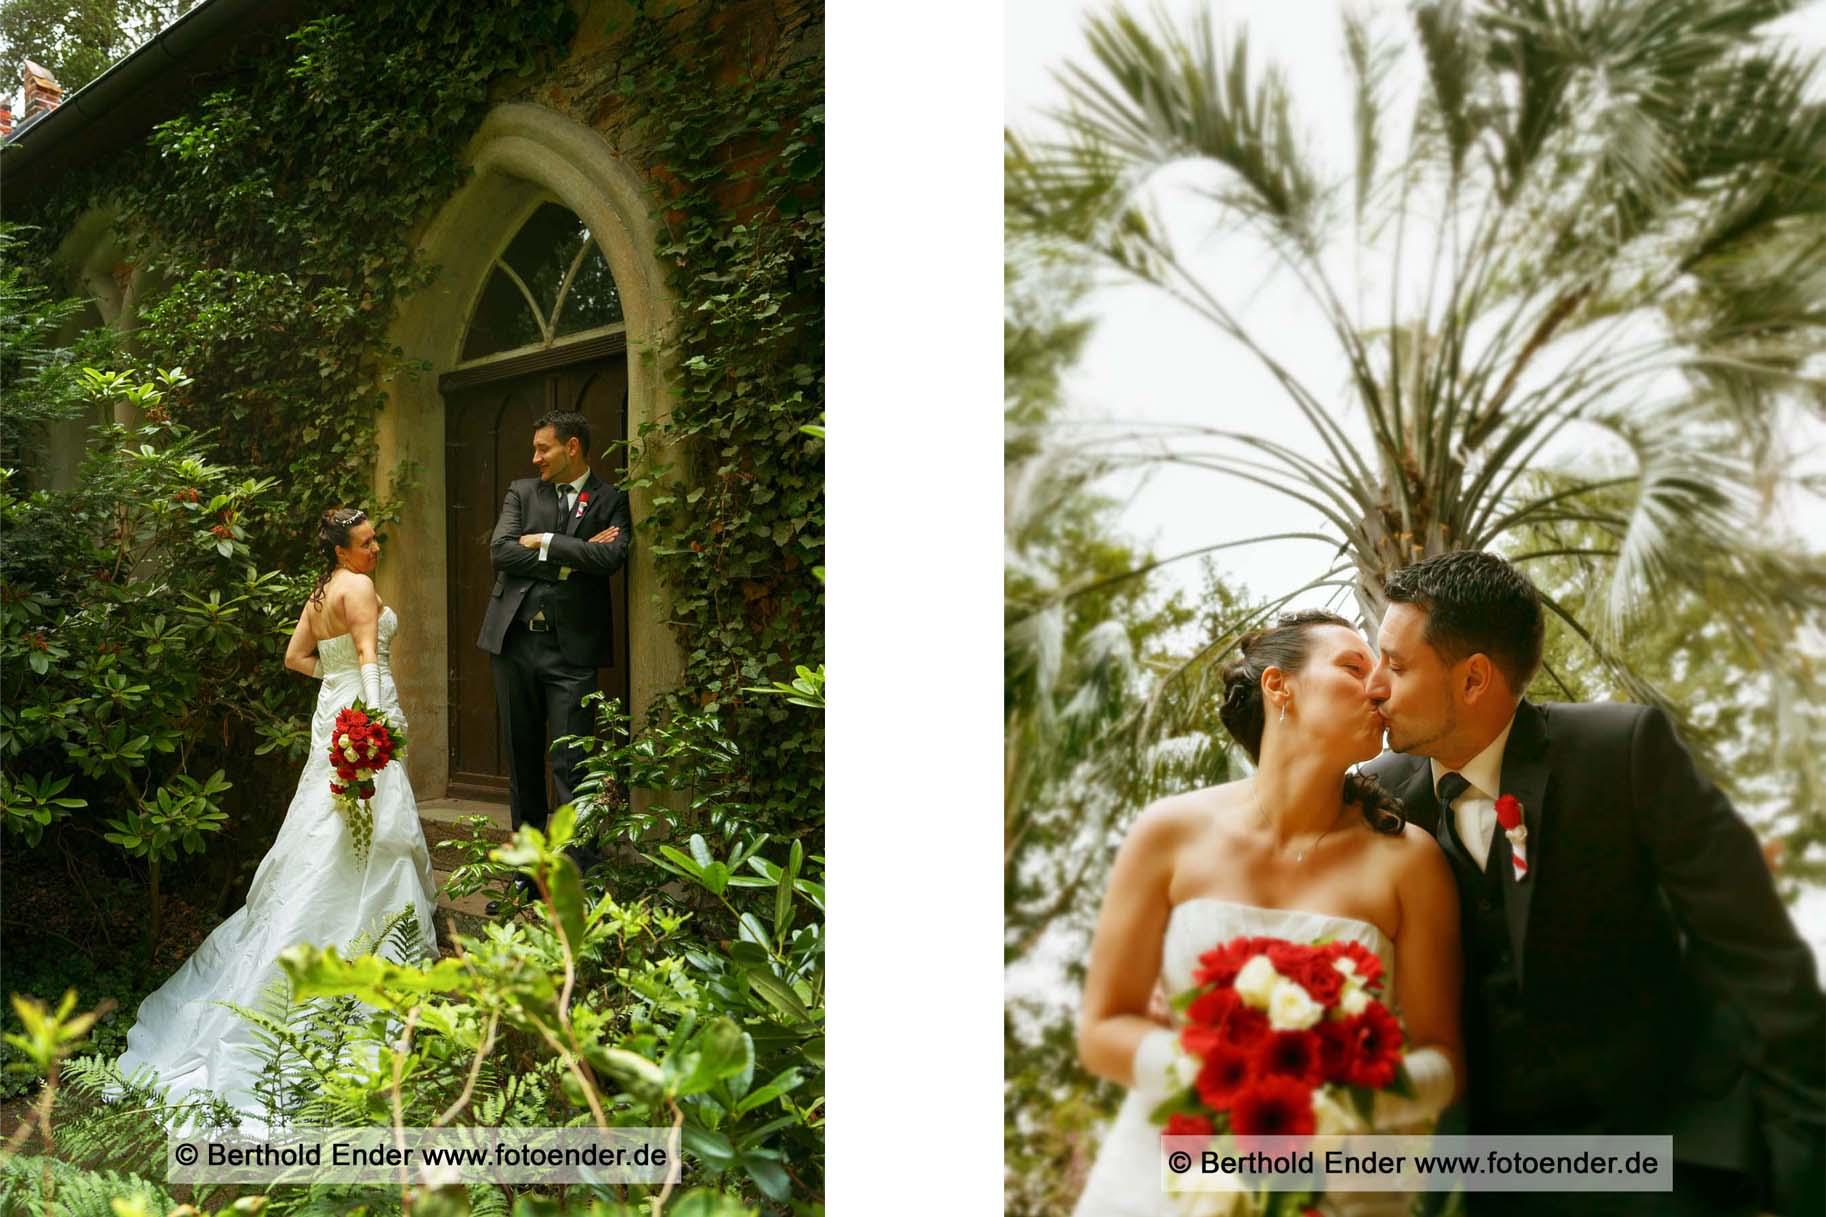 Hochzeitsbilder im Wörlitzer Park, Fotostudio Ender